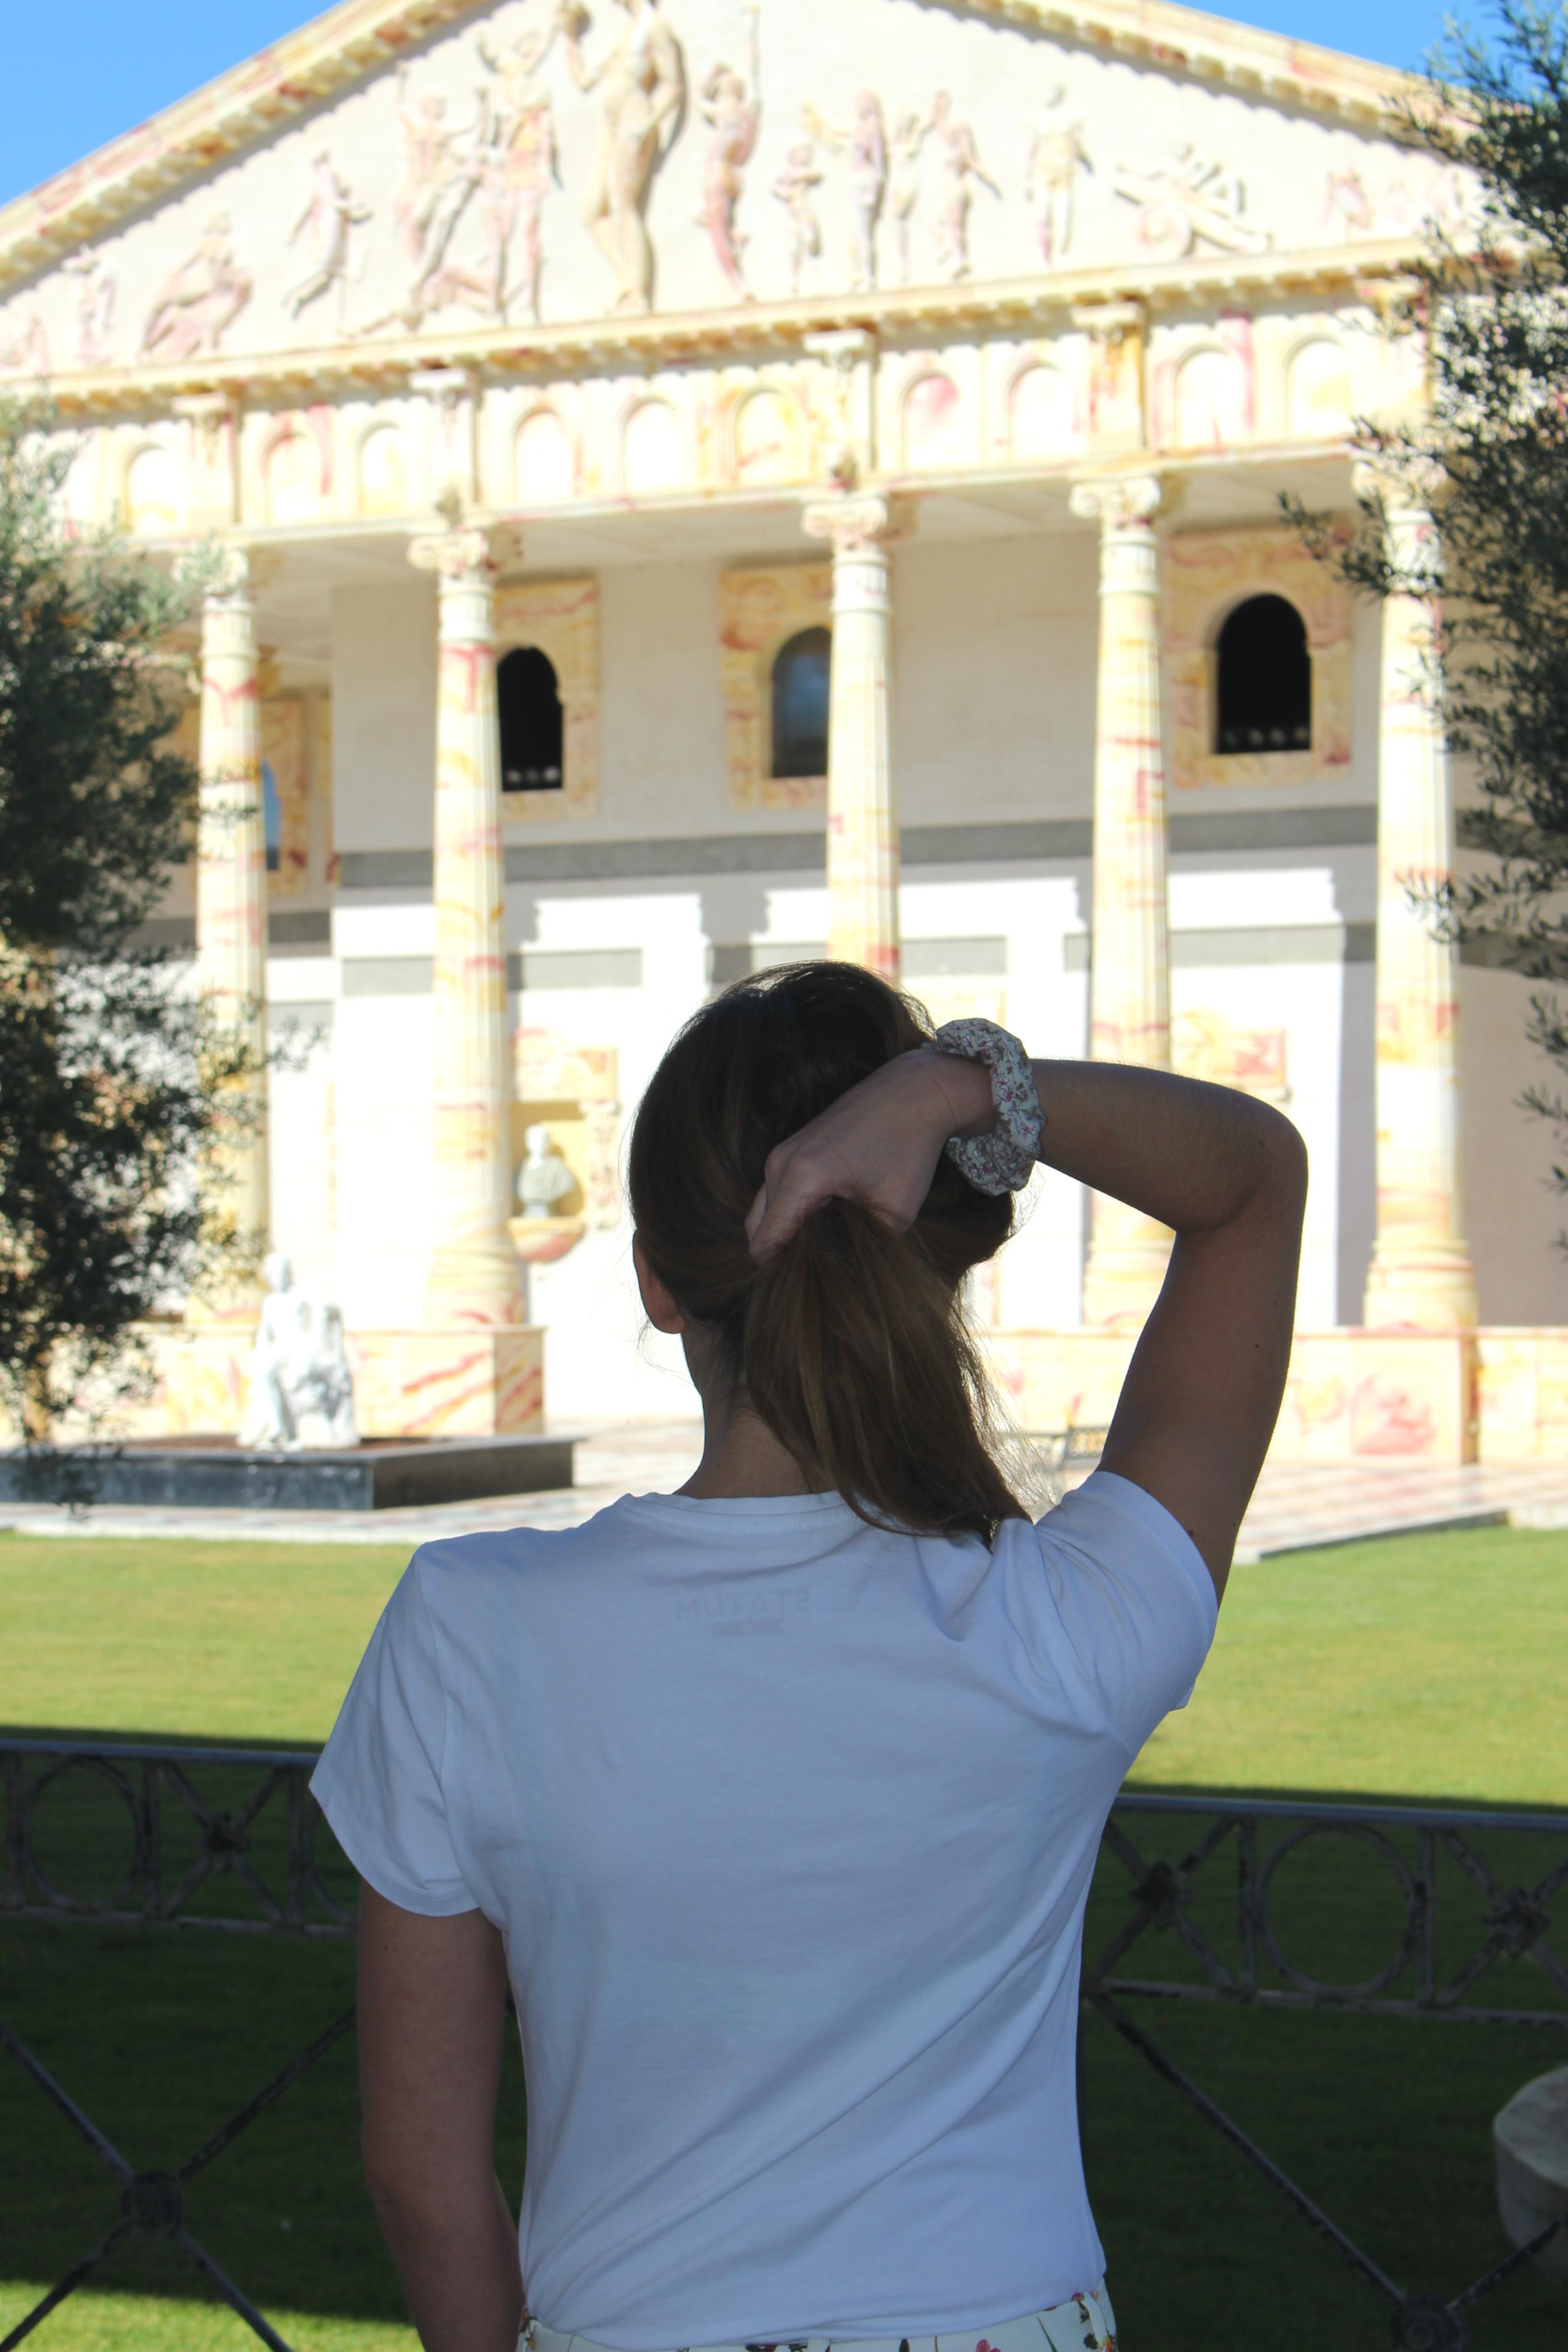 Estampados en un templo romano 5